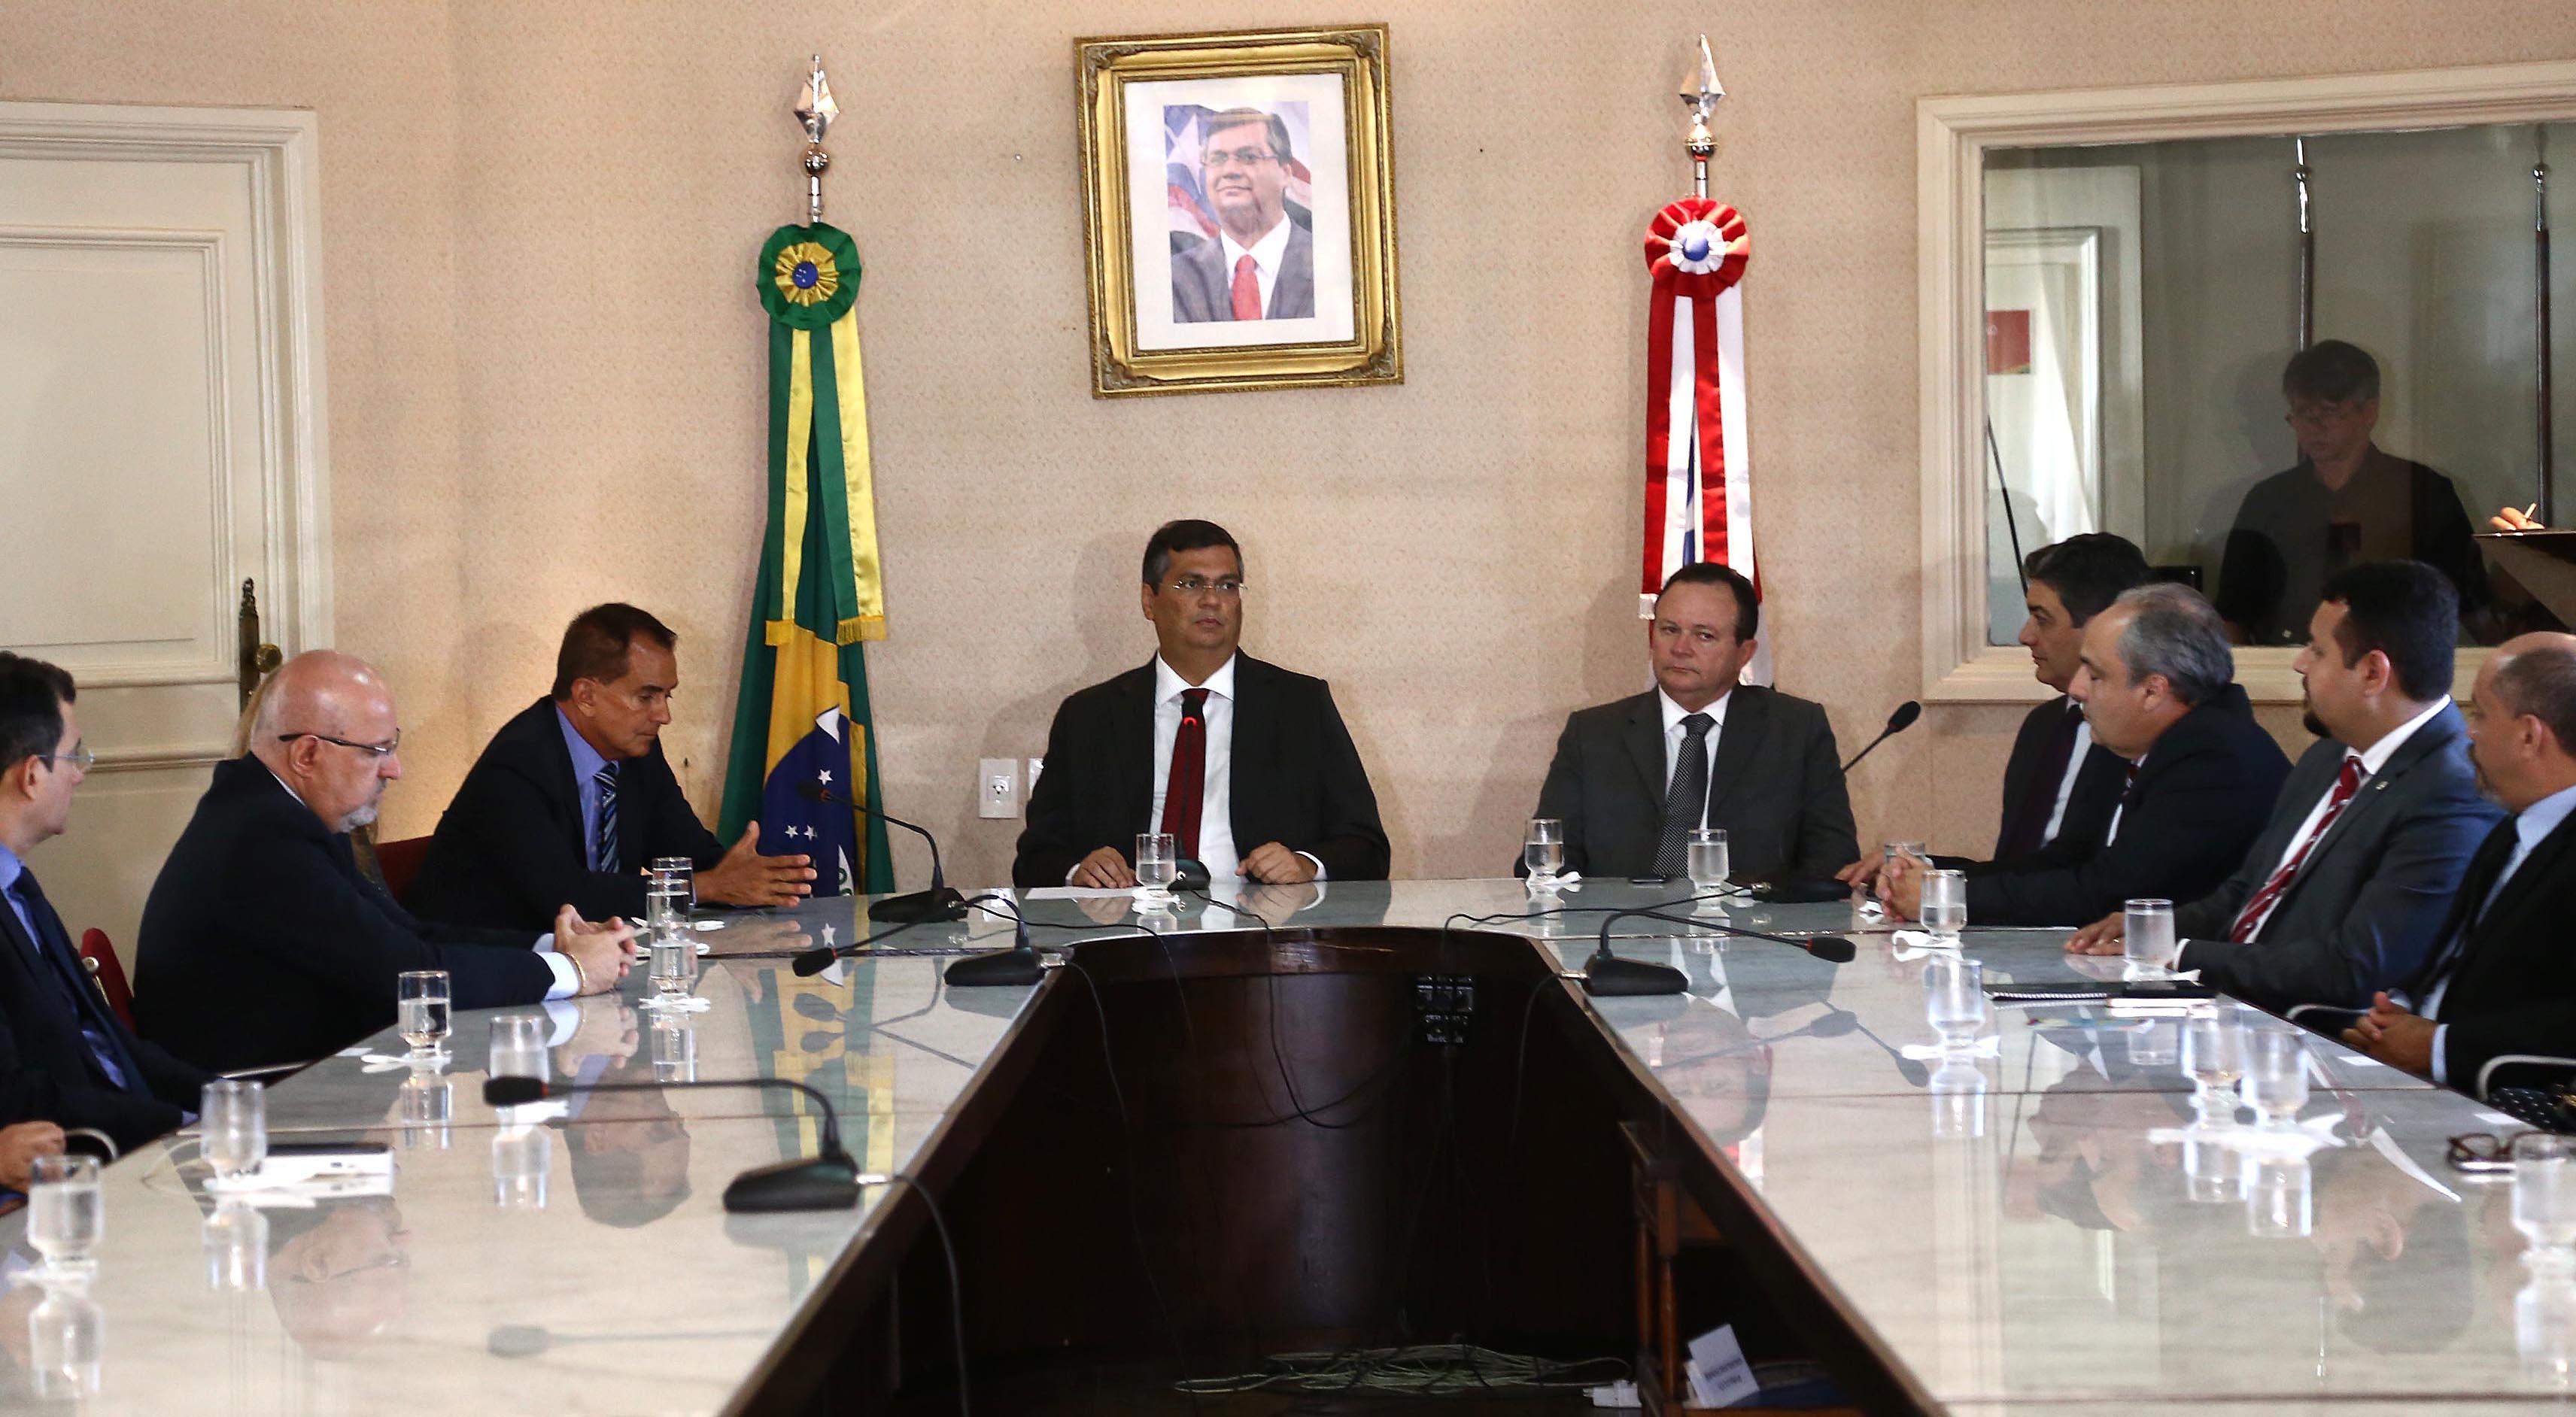 O governador Flávio Dino ressaltou que a obra vai melhorar a atividade comercial e sobretudo o fluxo de veículos da região. Foto: Gilson Teixeira/Secap